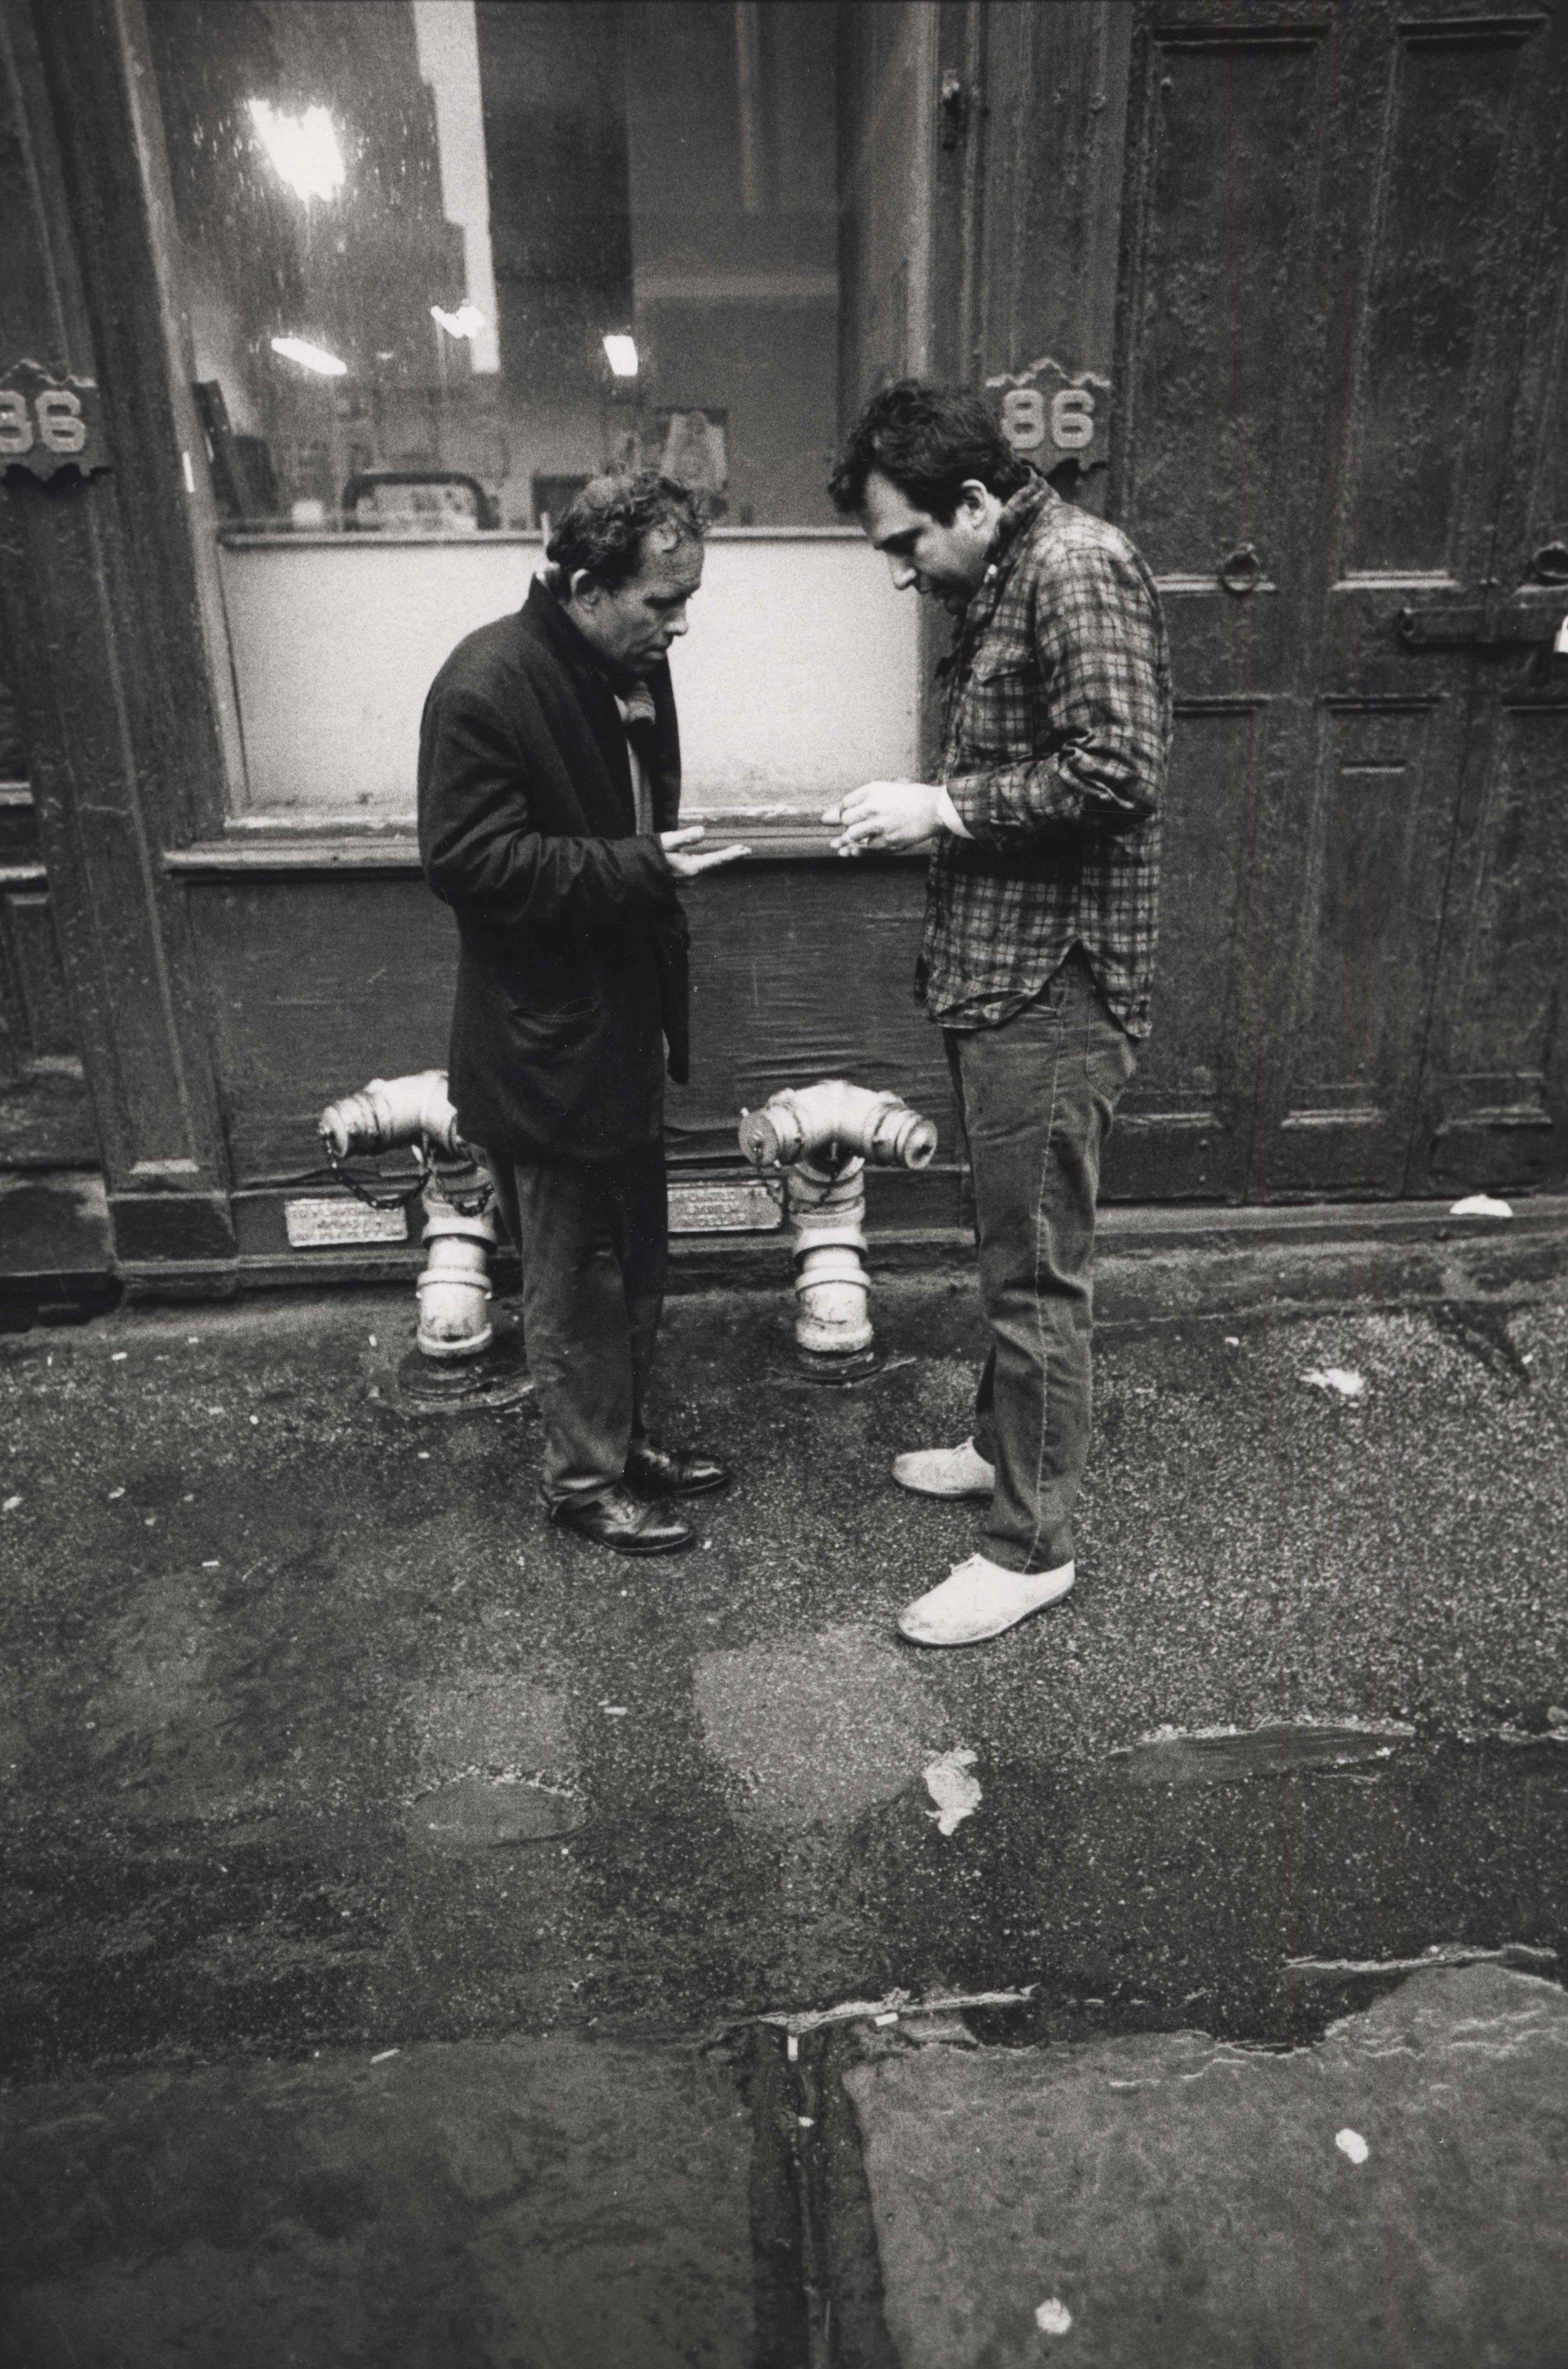 15_110_Two men conversing in front of building 86 _Dan Wynn Archive.jpeg